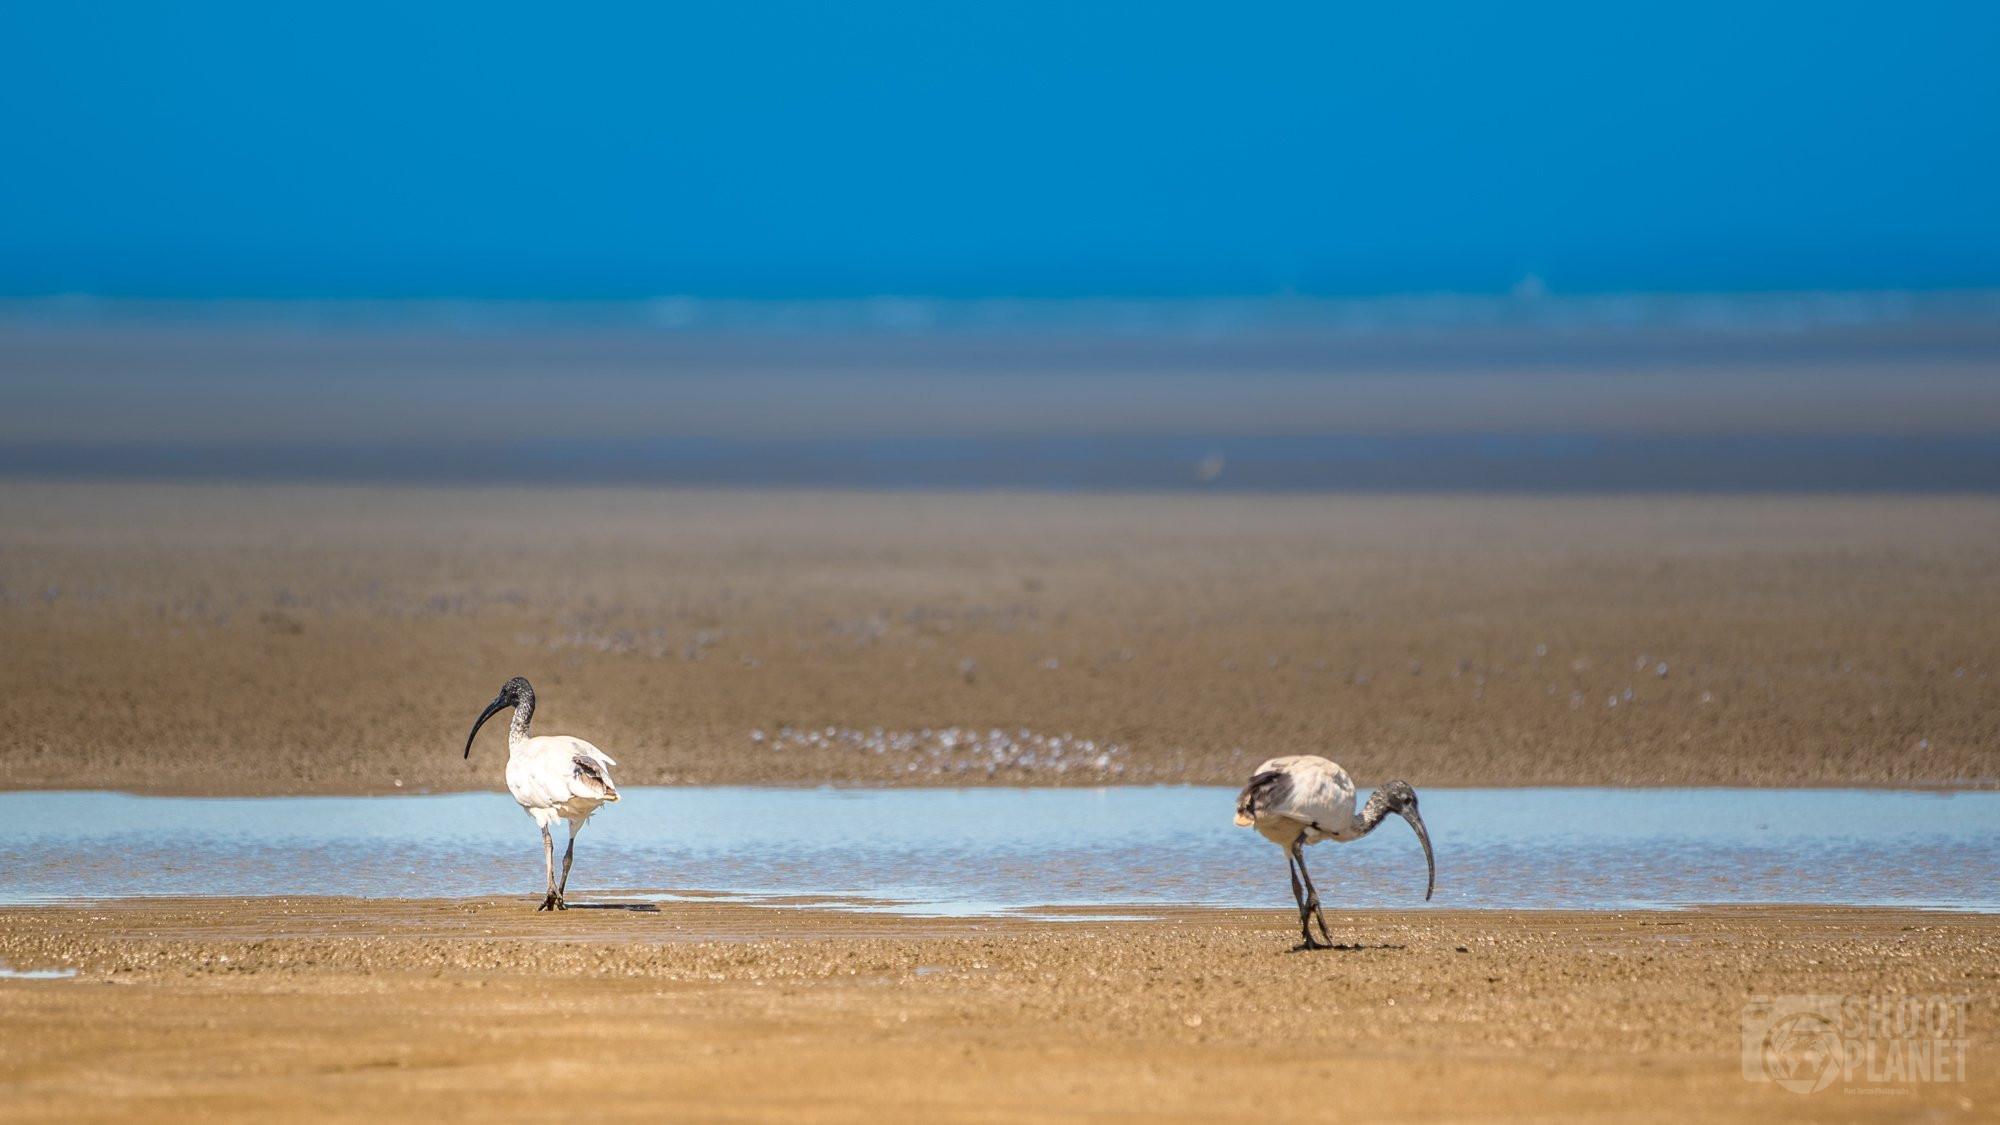 Nudgee beach birds, Brisbane Australia